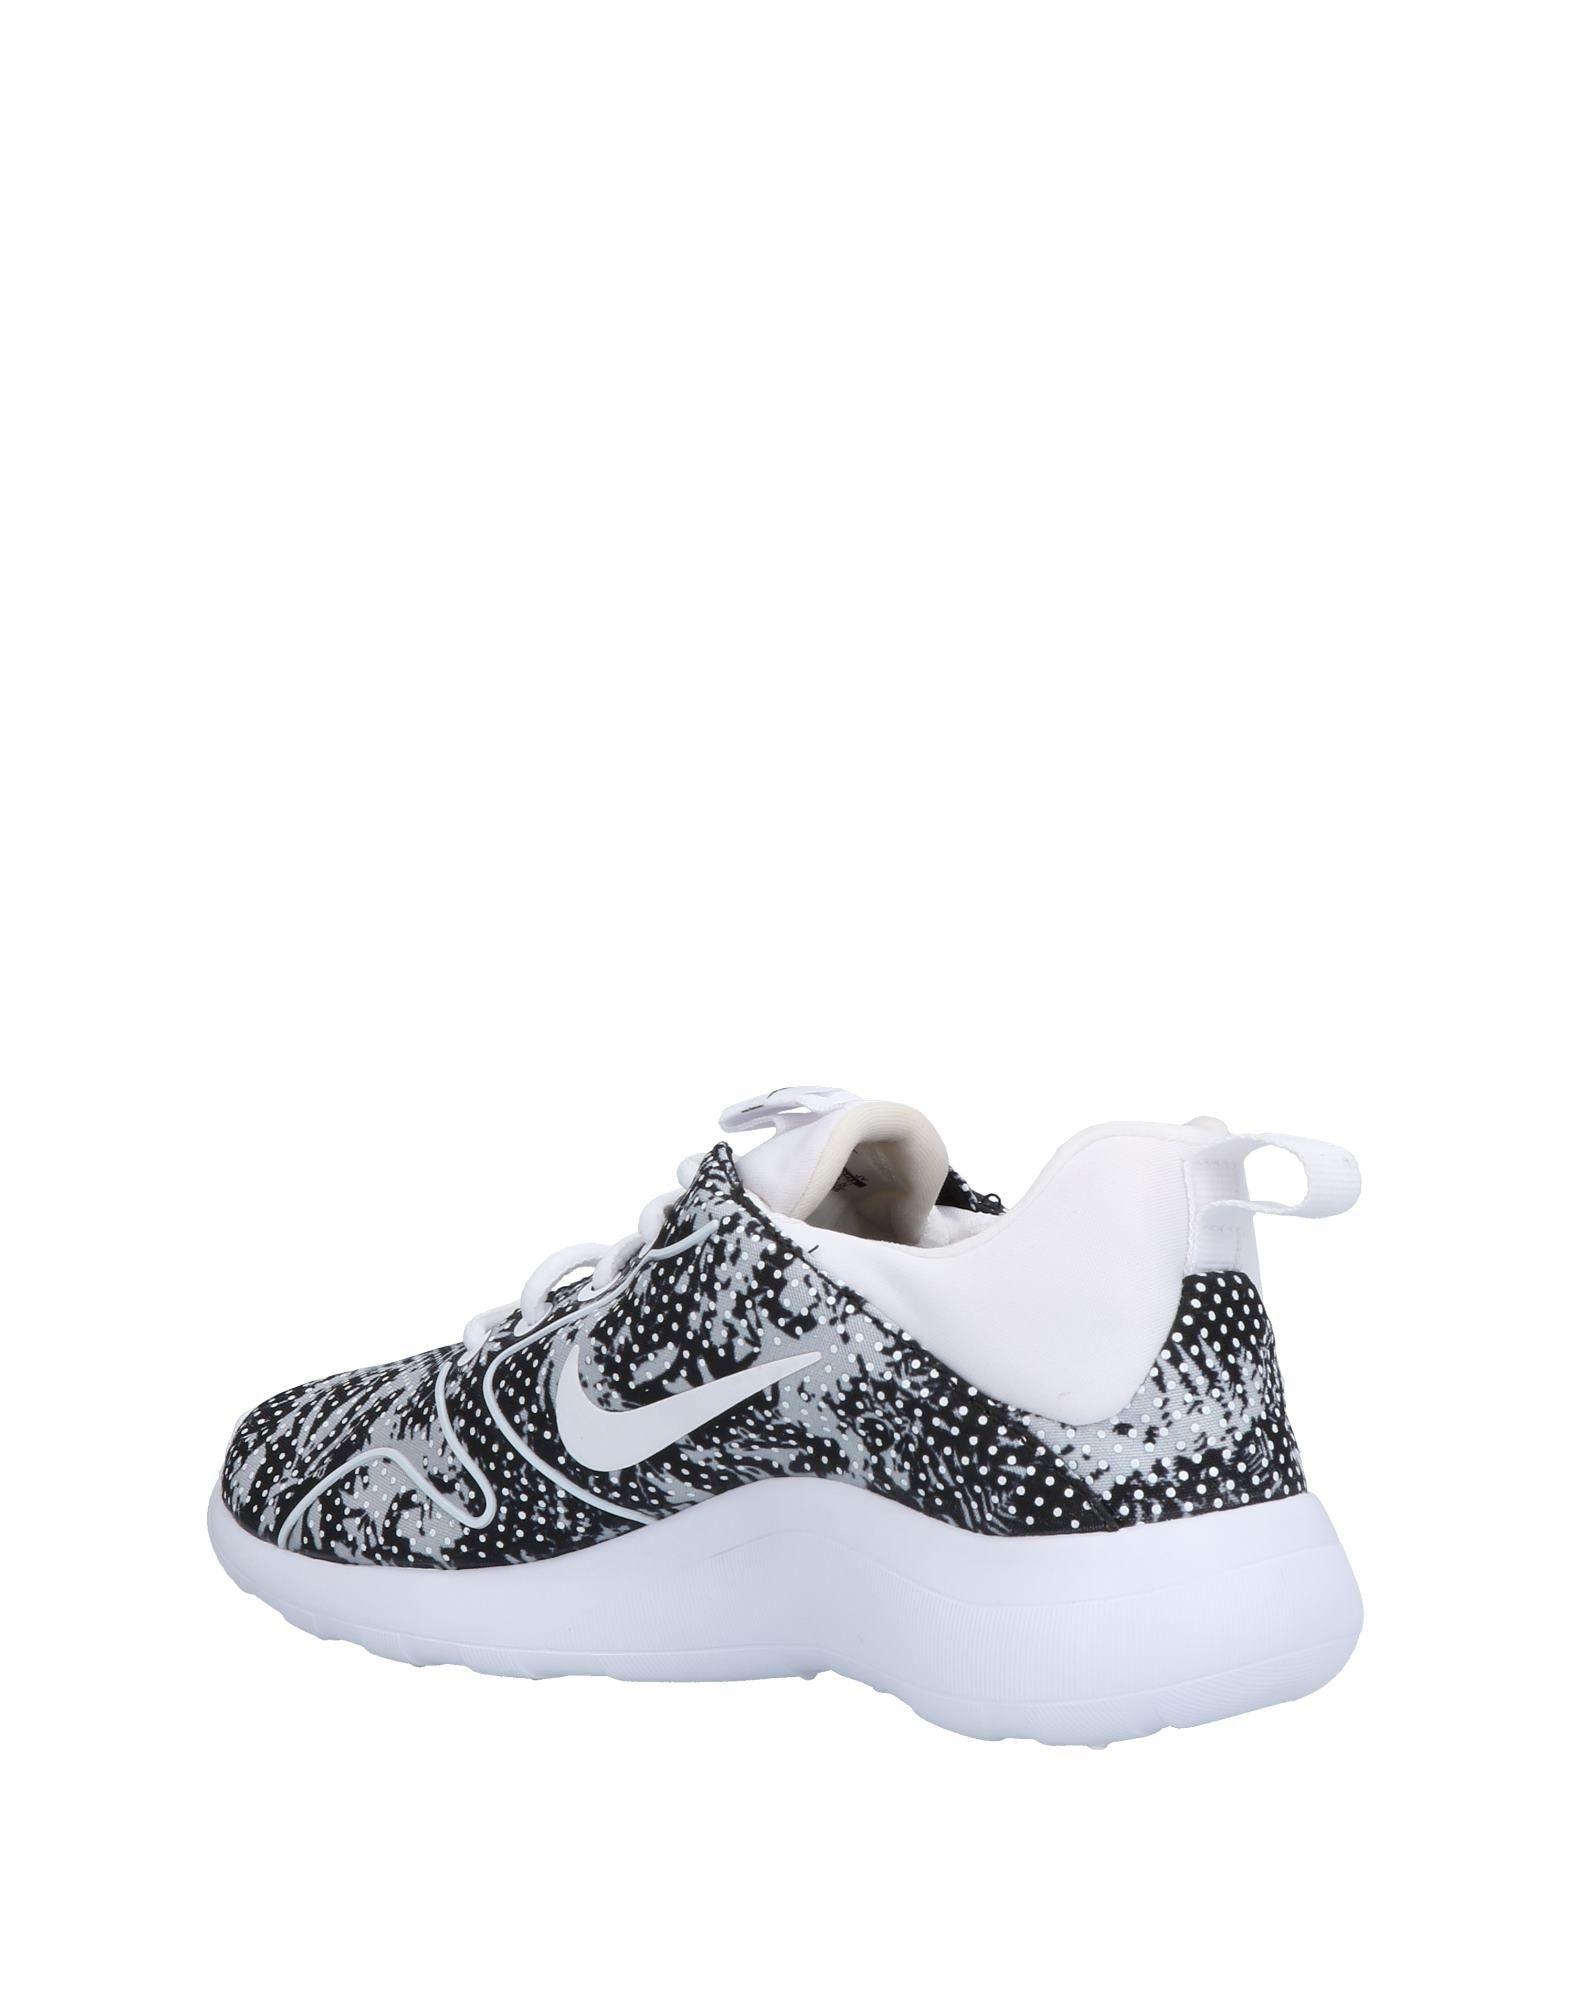 Nike Damen Sneakers Damen Nike  11504260KL 7e50c9